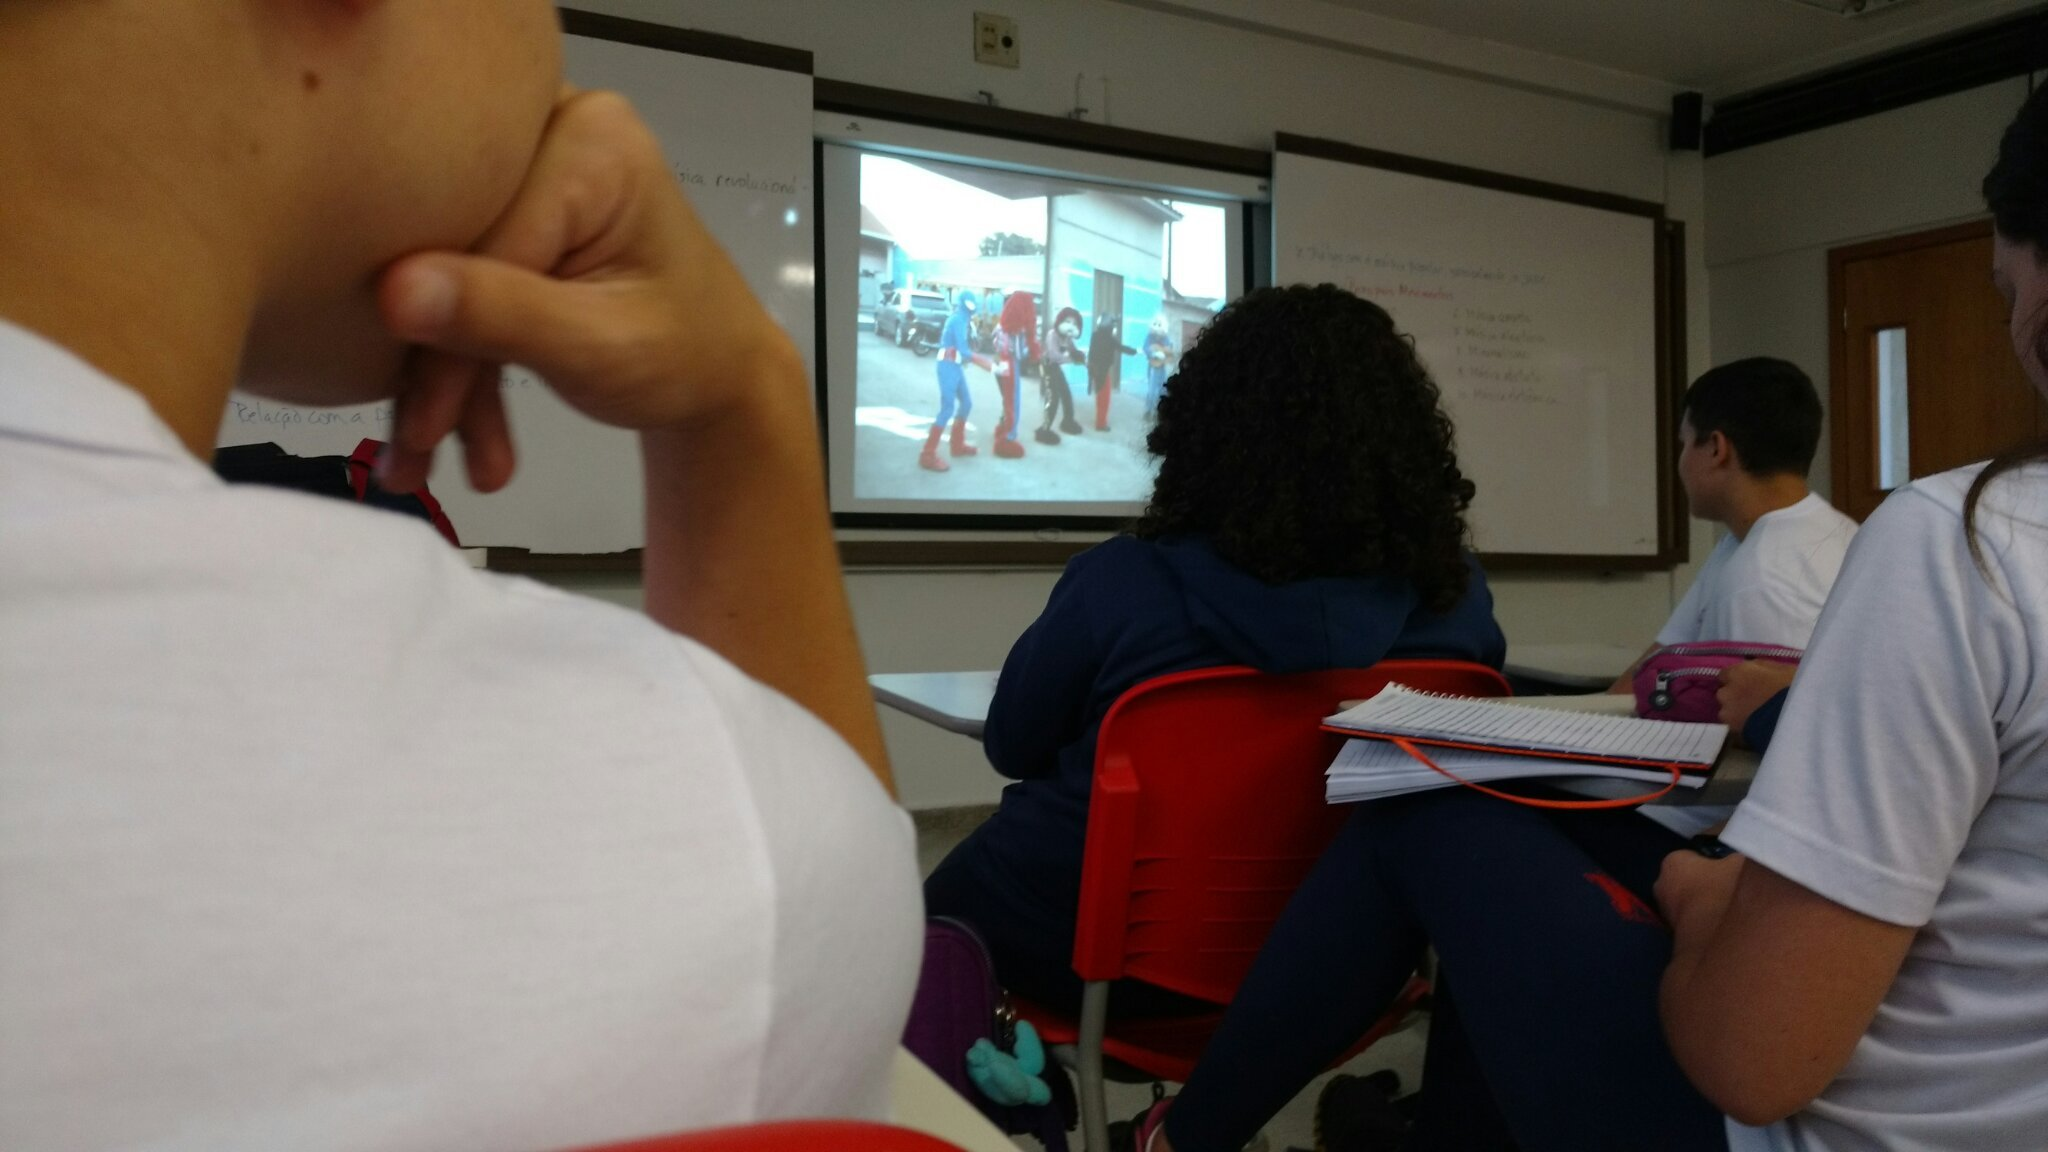 Enquanto isso nas escolas do brasil... - meme